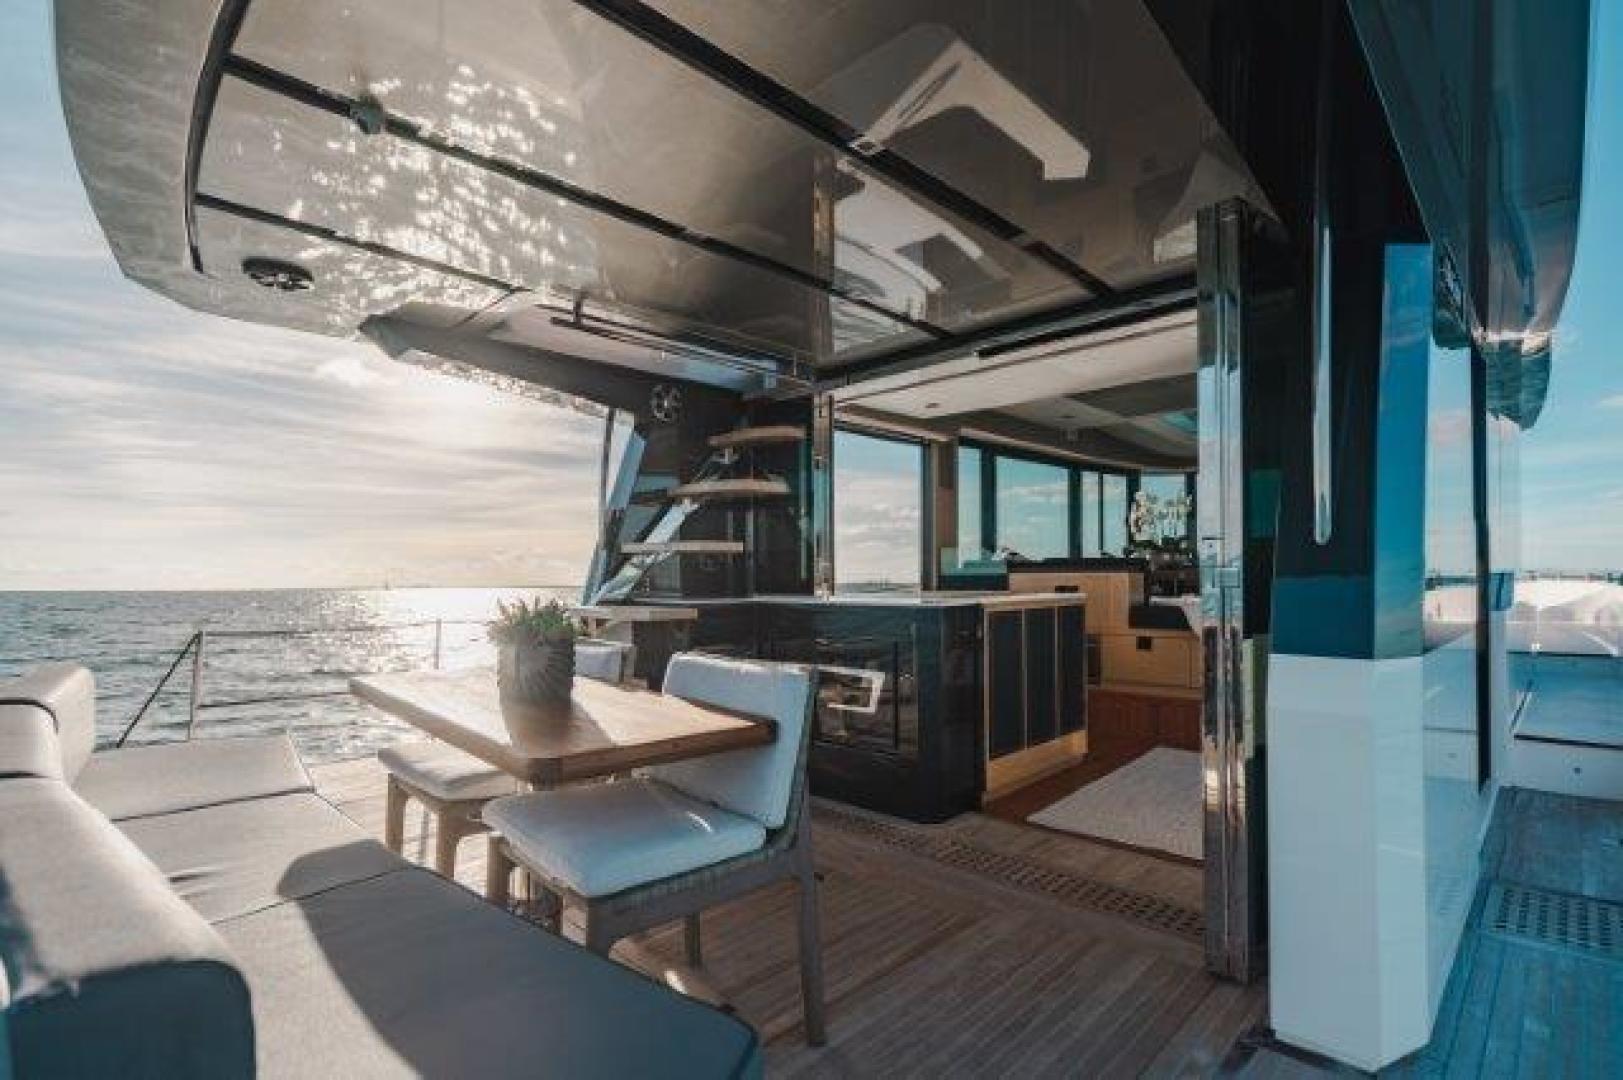 Okean-Flybridge 2019-VEDGE Miami-Florida-United States-Aft Deck-1600180 | Thumbnail